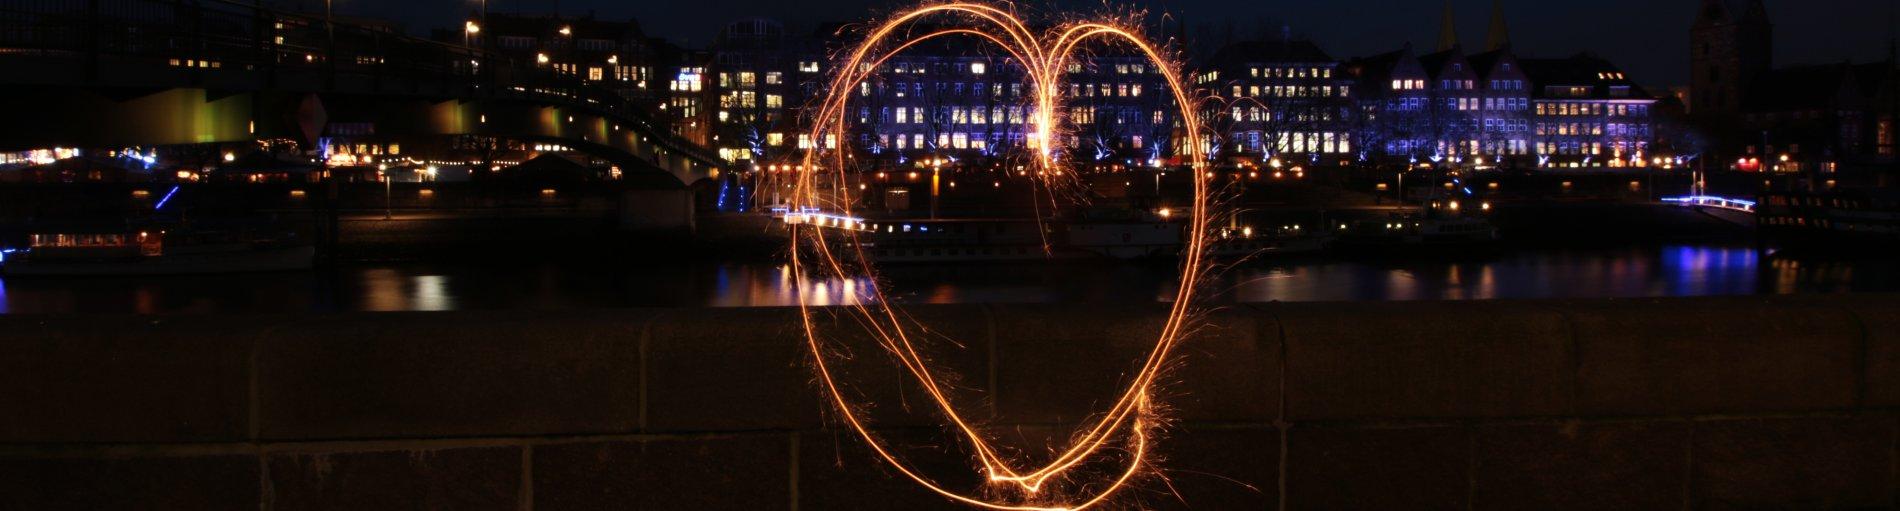 Ein leuchtendes Herz, das vor einer Steinmauer zu schweben scheint. Im Hintergrund ist die Weser und eine erleuchtete Häuserreihe zu sehen.